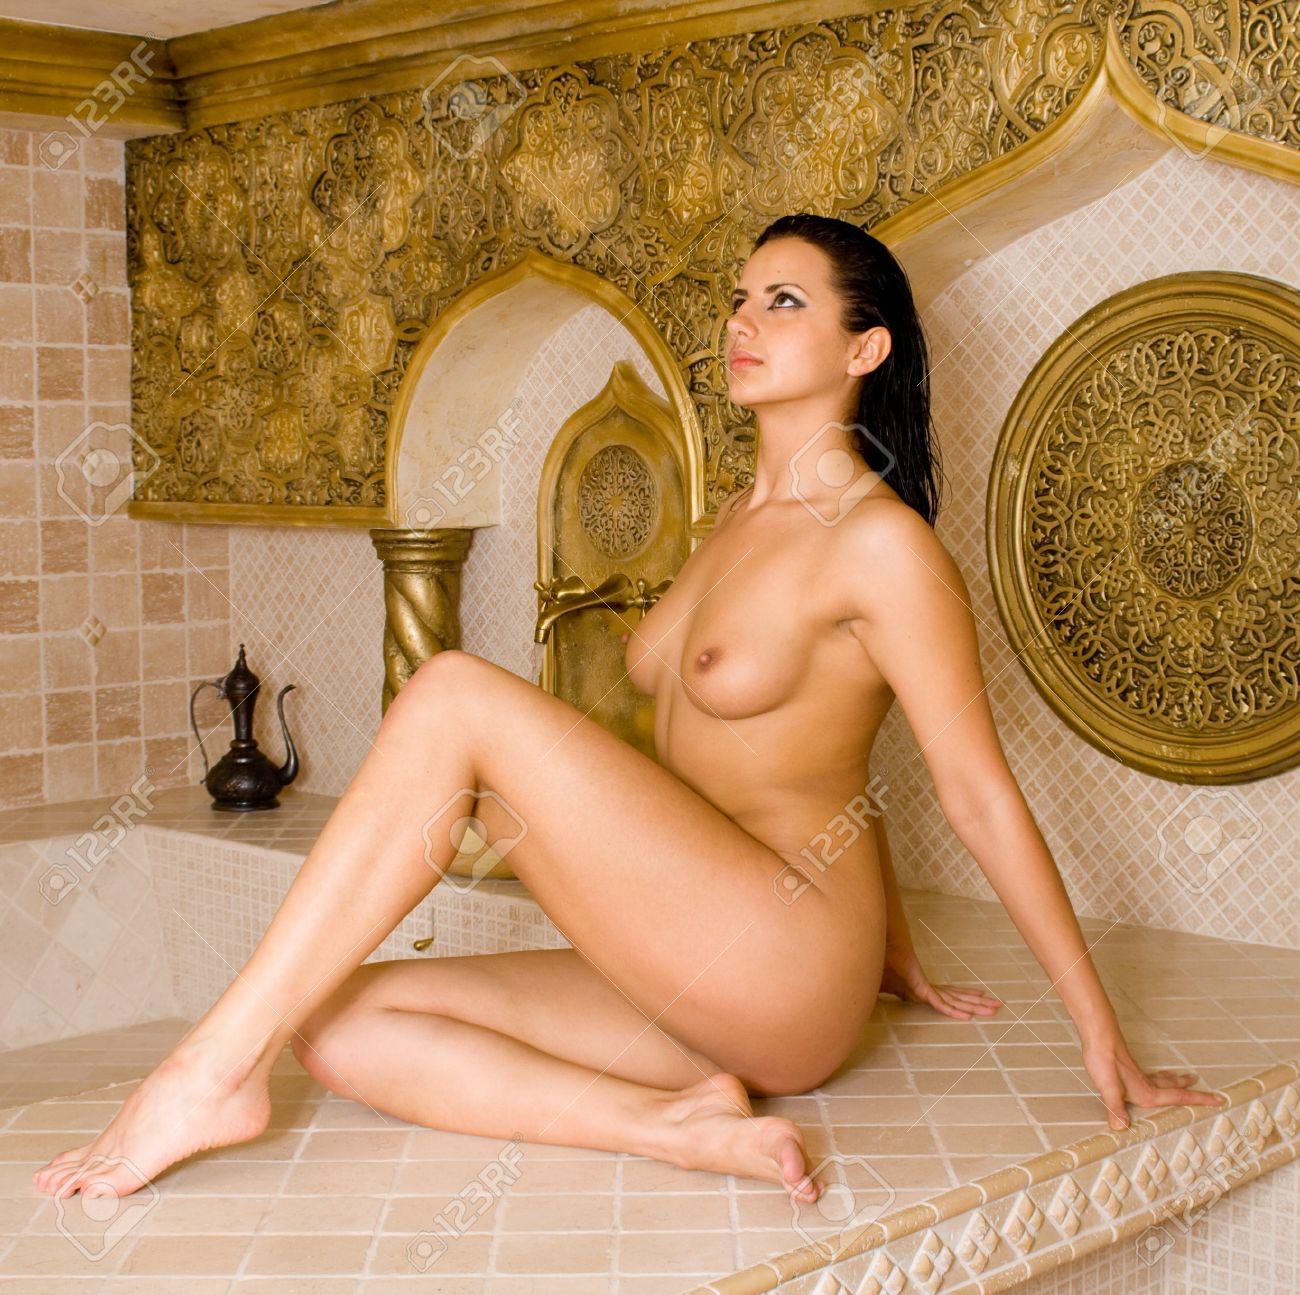 Young brazilian boy and girl nude